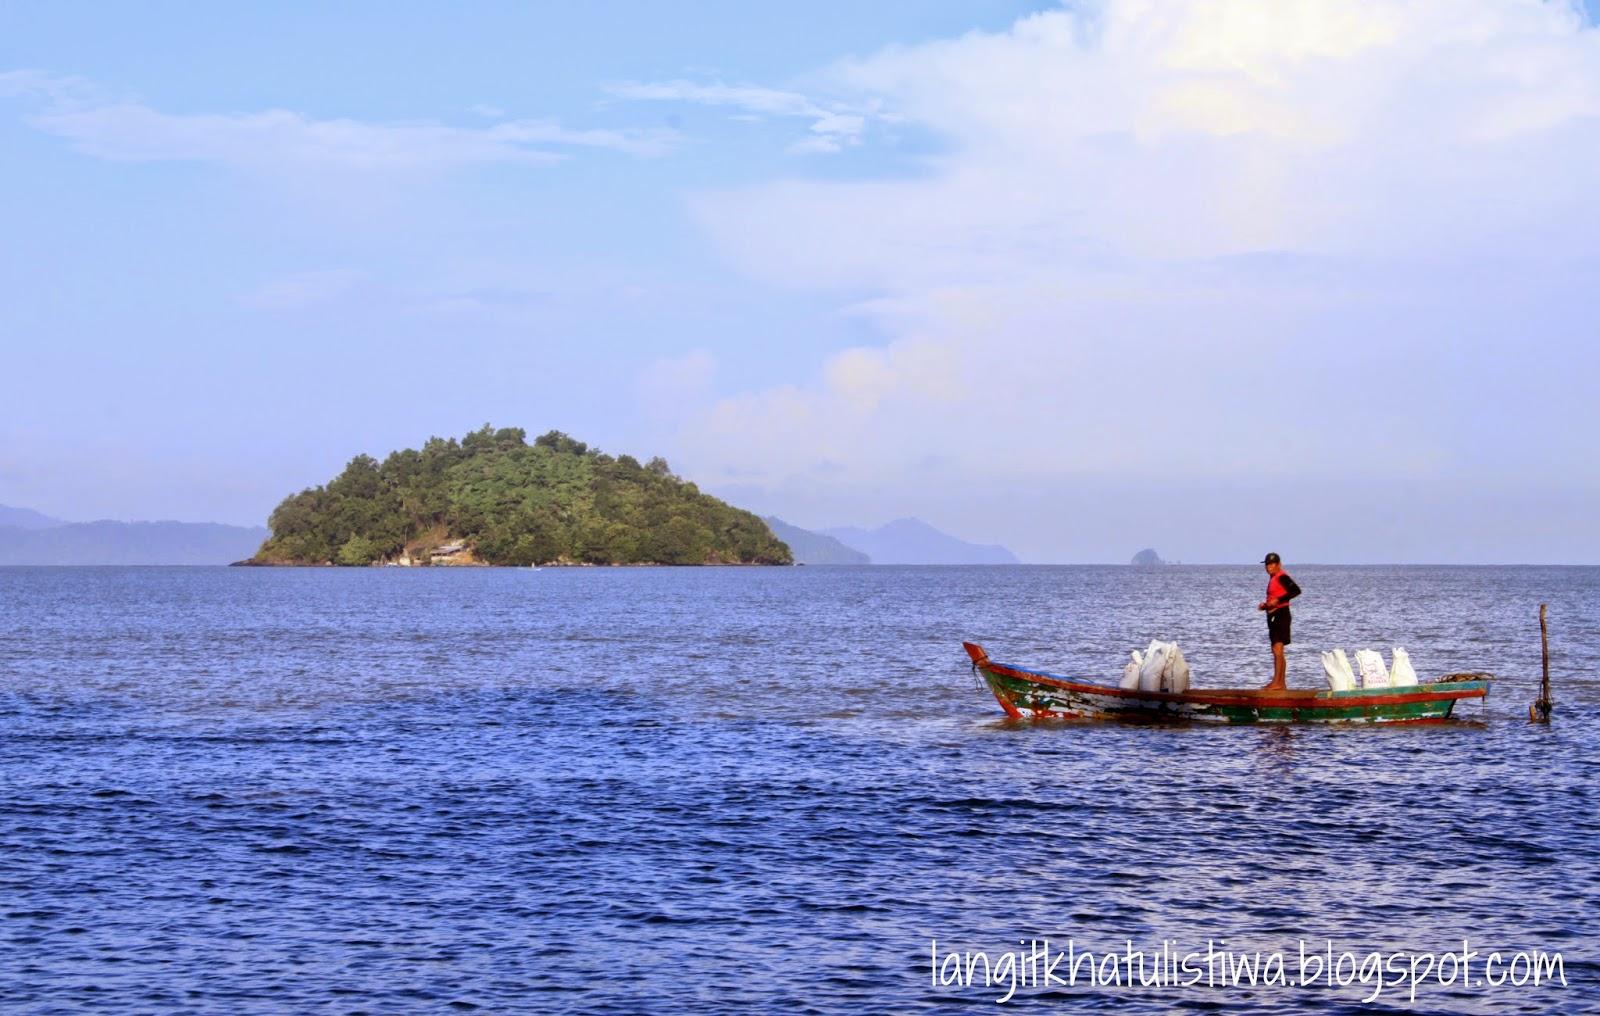 nelayan; kelautan; perikanan; sumber daya laut dan perairan